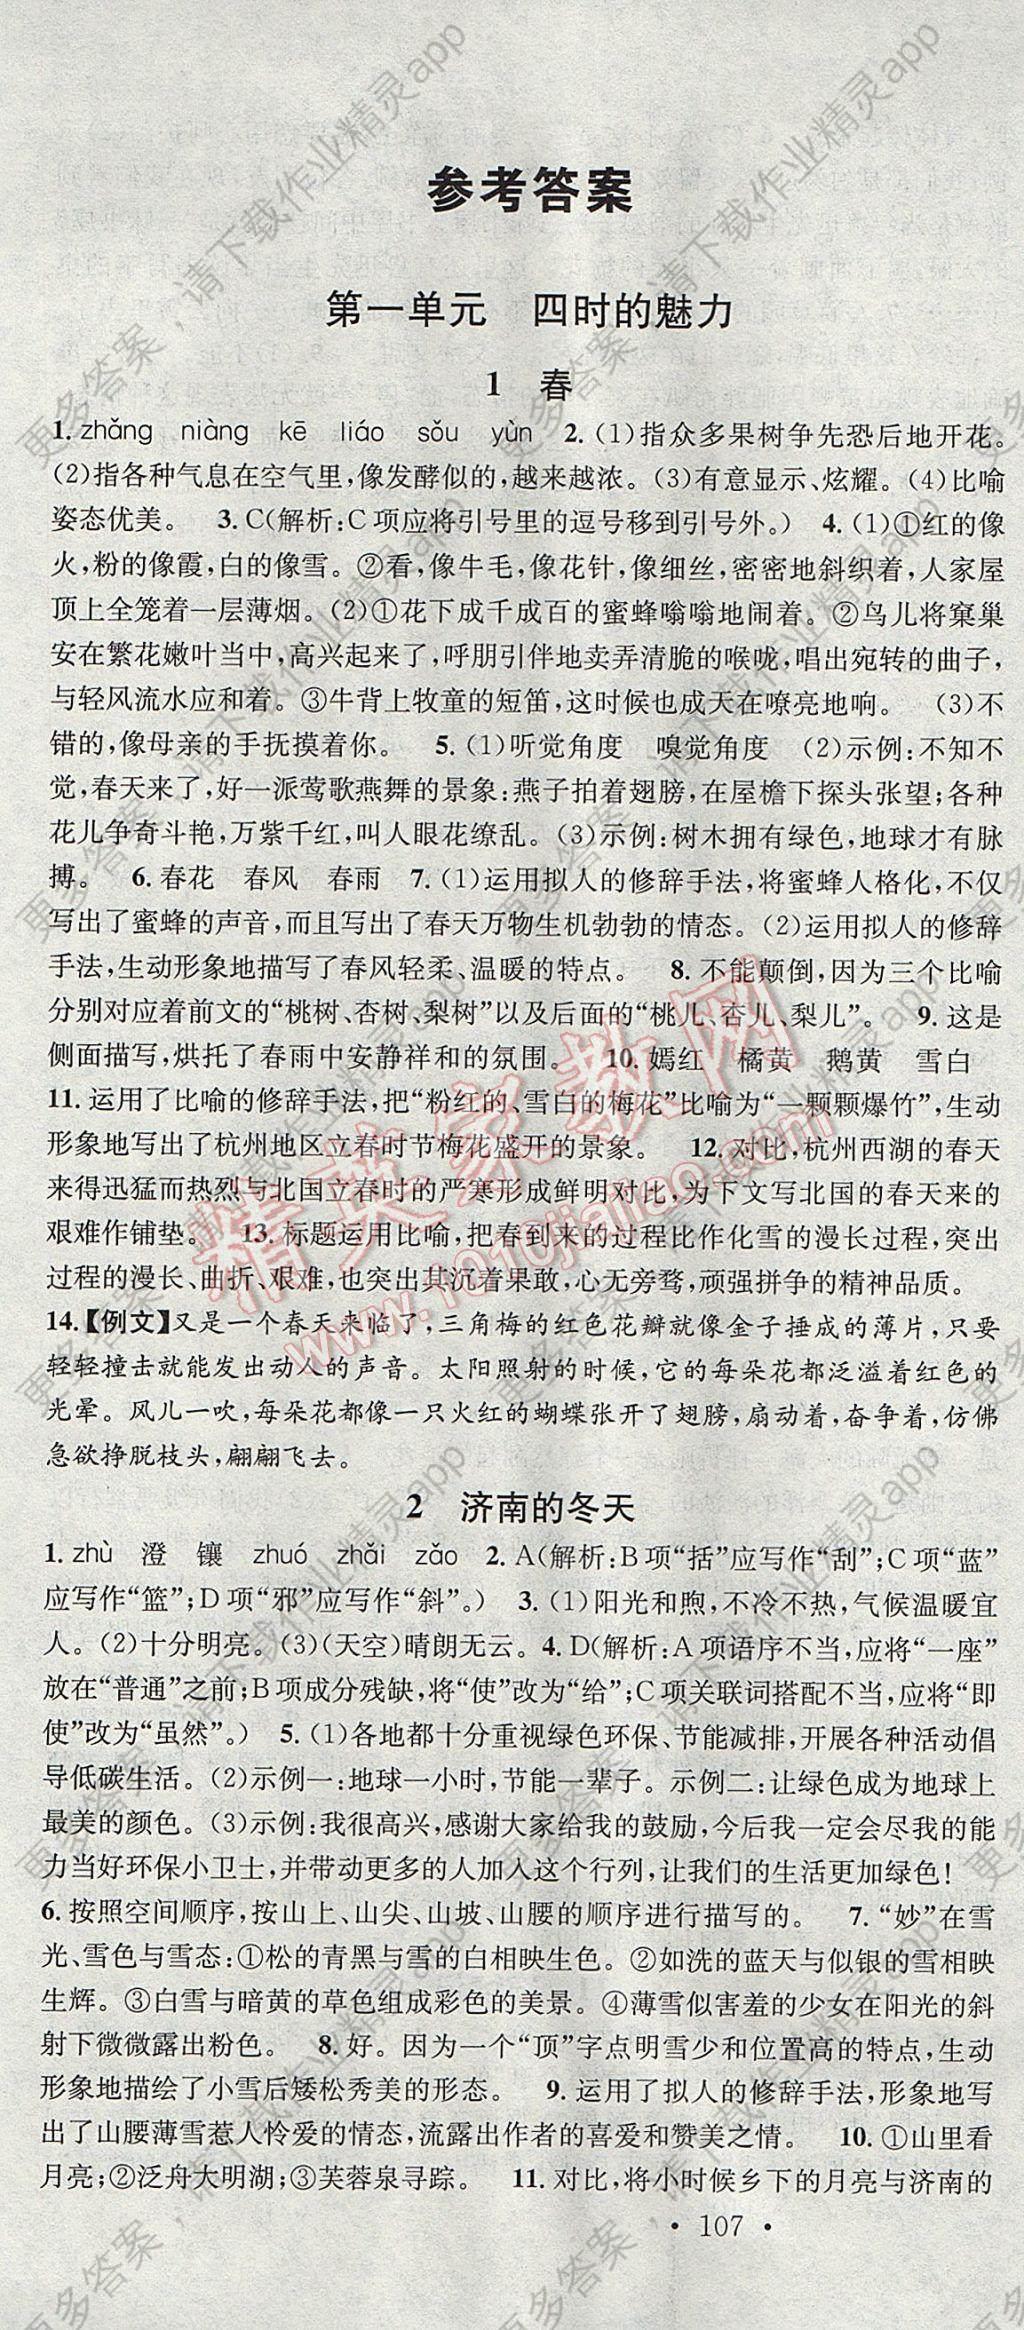 2017年名校课堂滚动学习法七年级语文上册黑龙江教育出版社 参考答案第1页